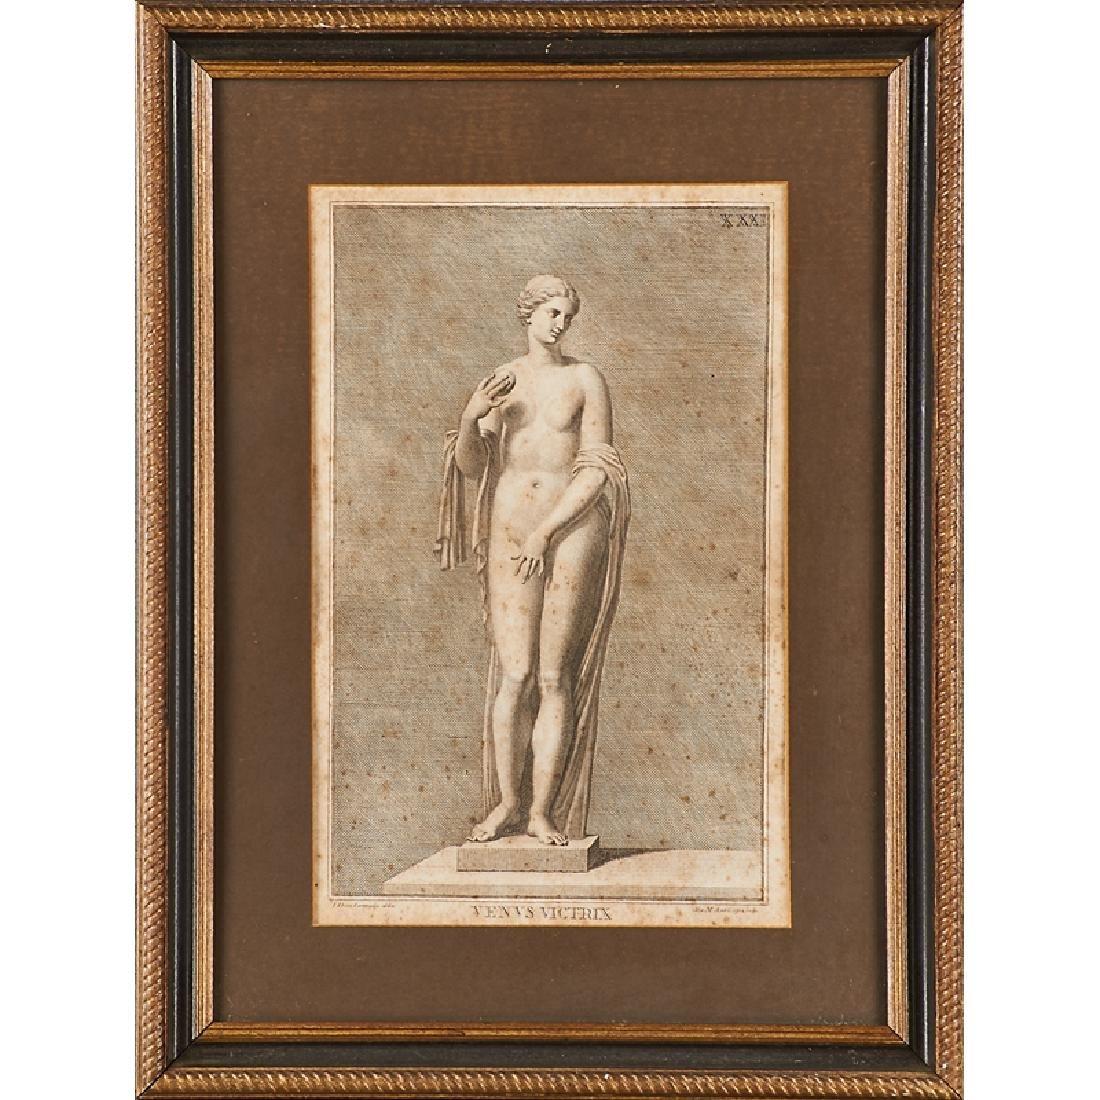 GIOVANNI DOMENICO CAMPIGLIA (Italian, 1692-1768)